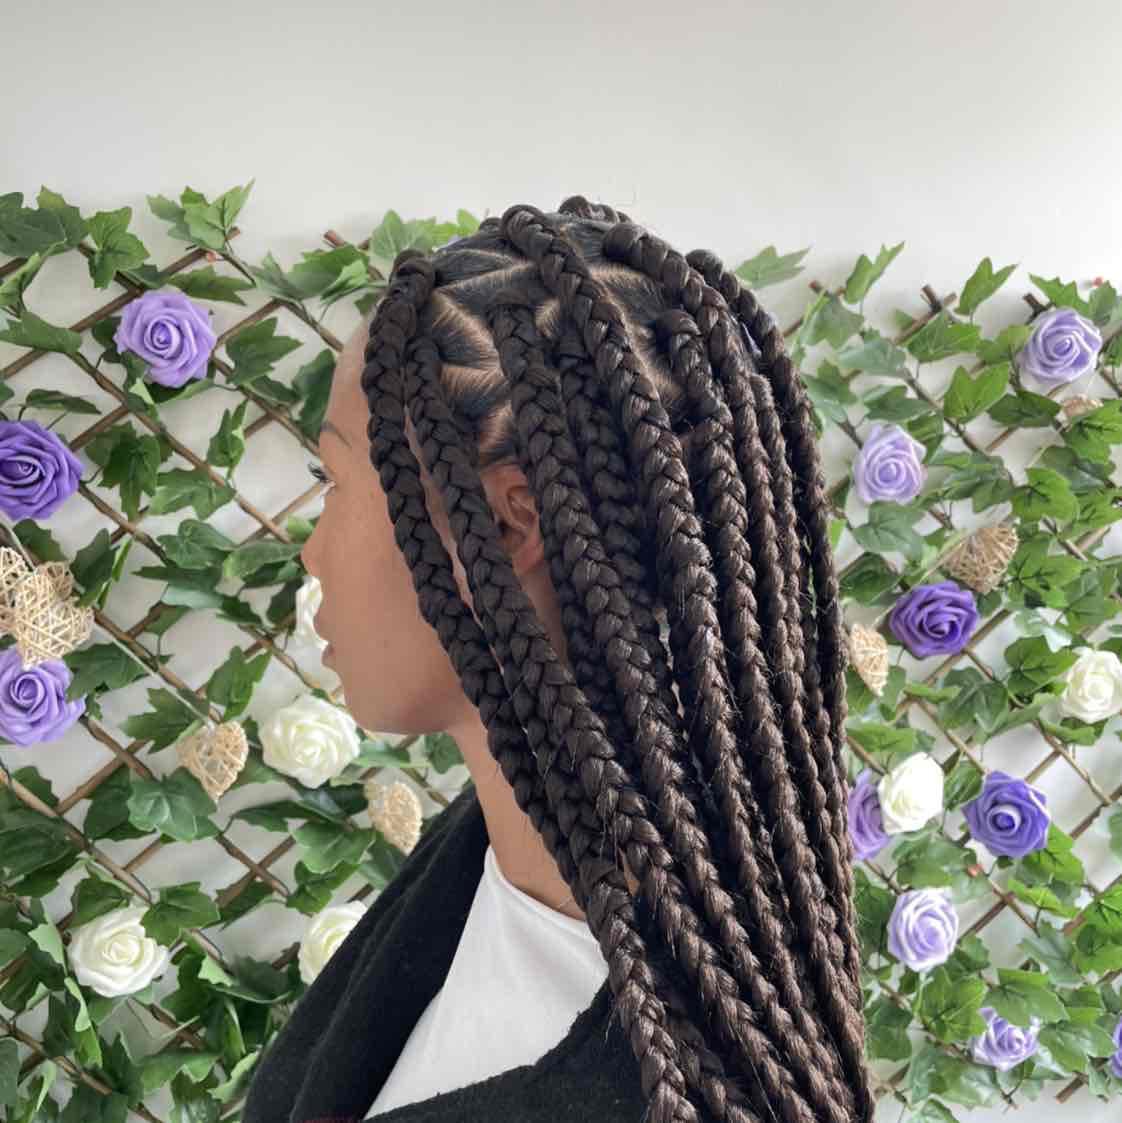 salon de coiffure afro tresse tresses box braids crochet braids vanilles tissages paris 75 77 78 91 92 93 94 95 ROTBZJLF